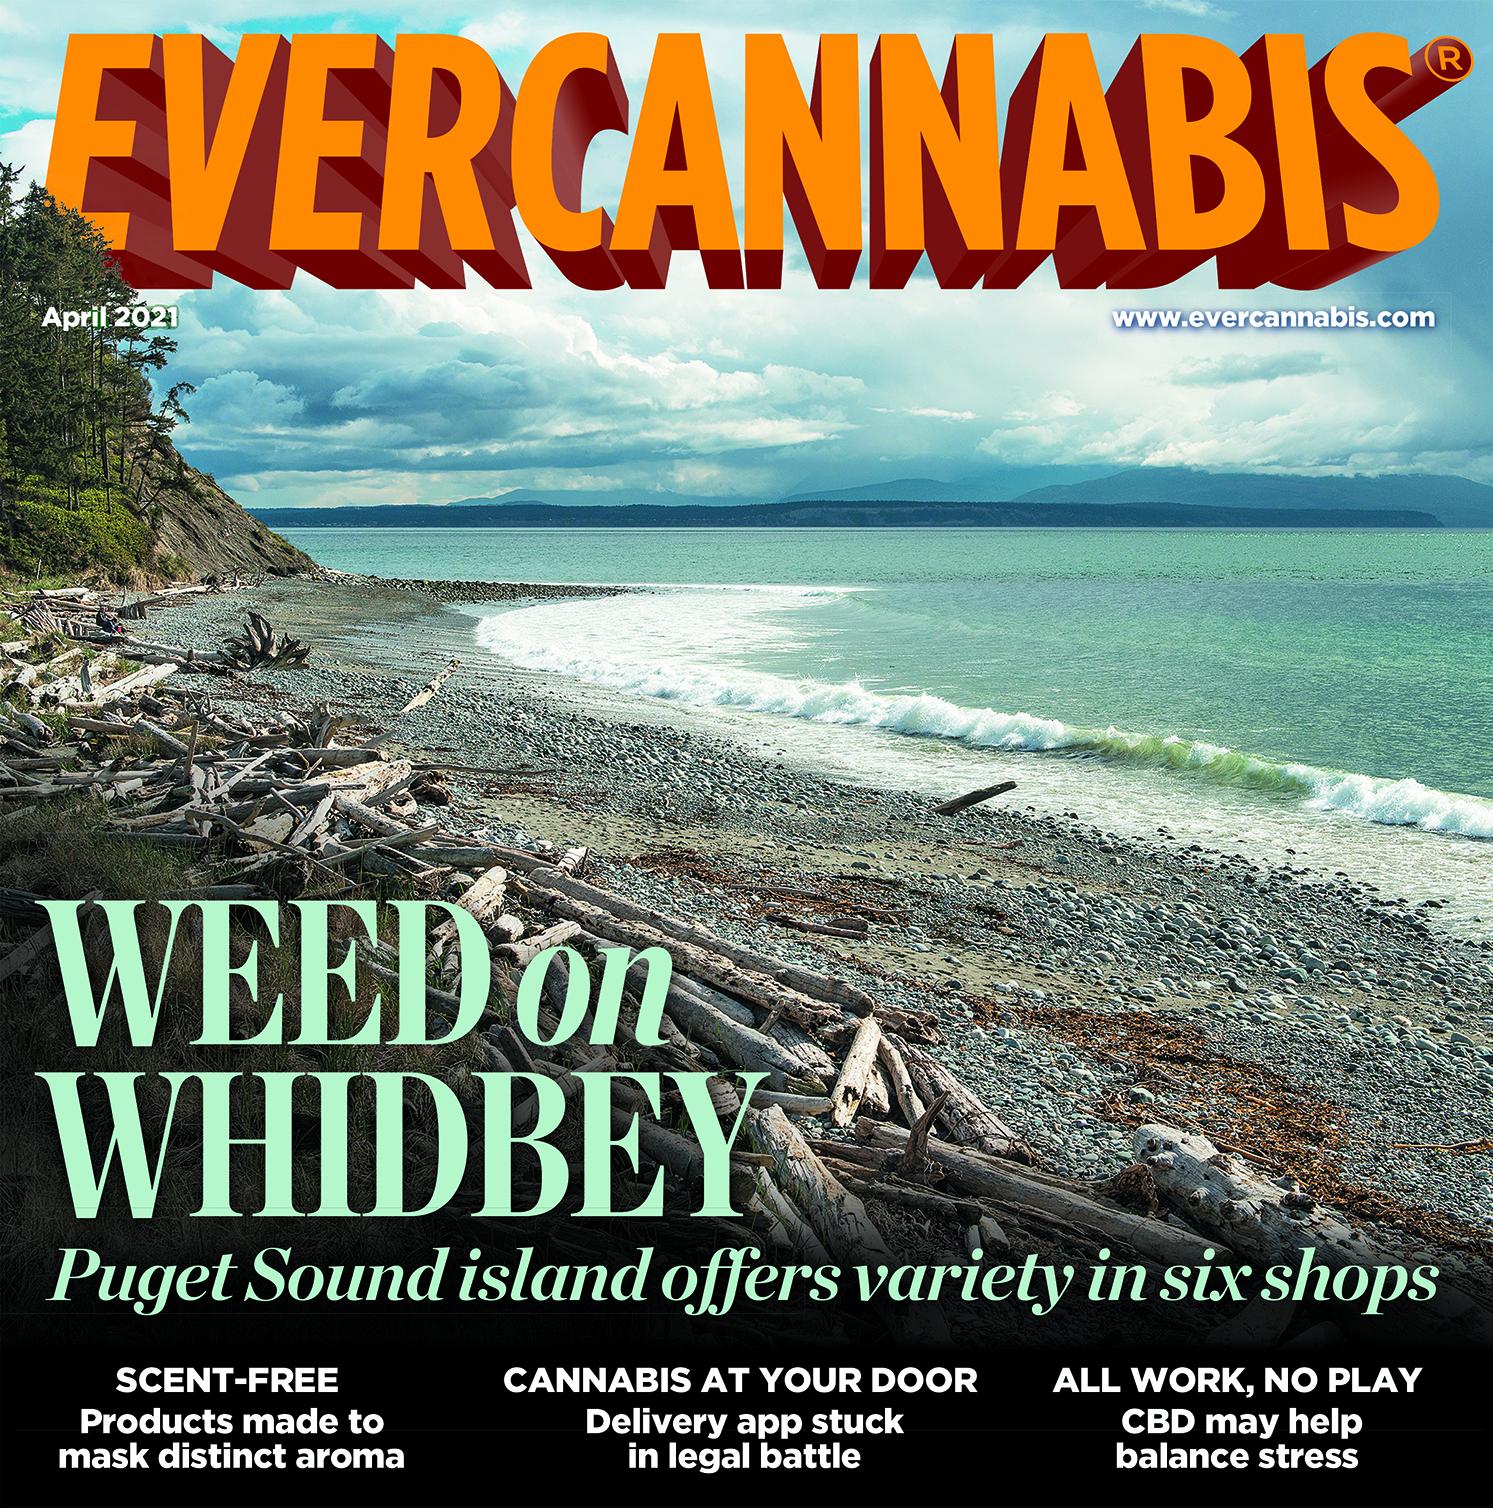 Evercannabis April 2021